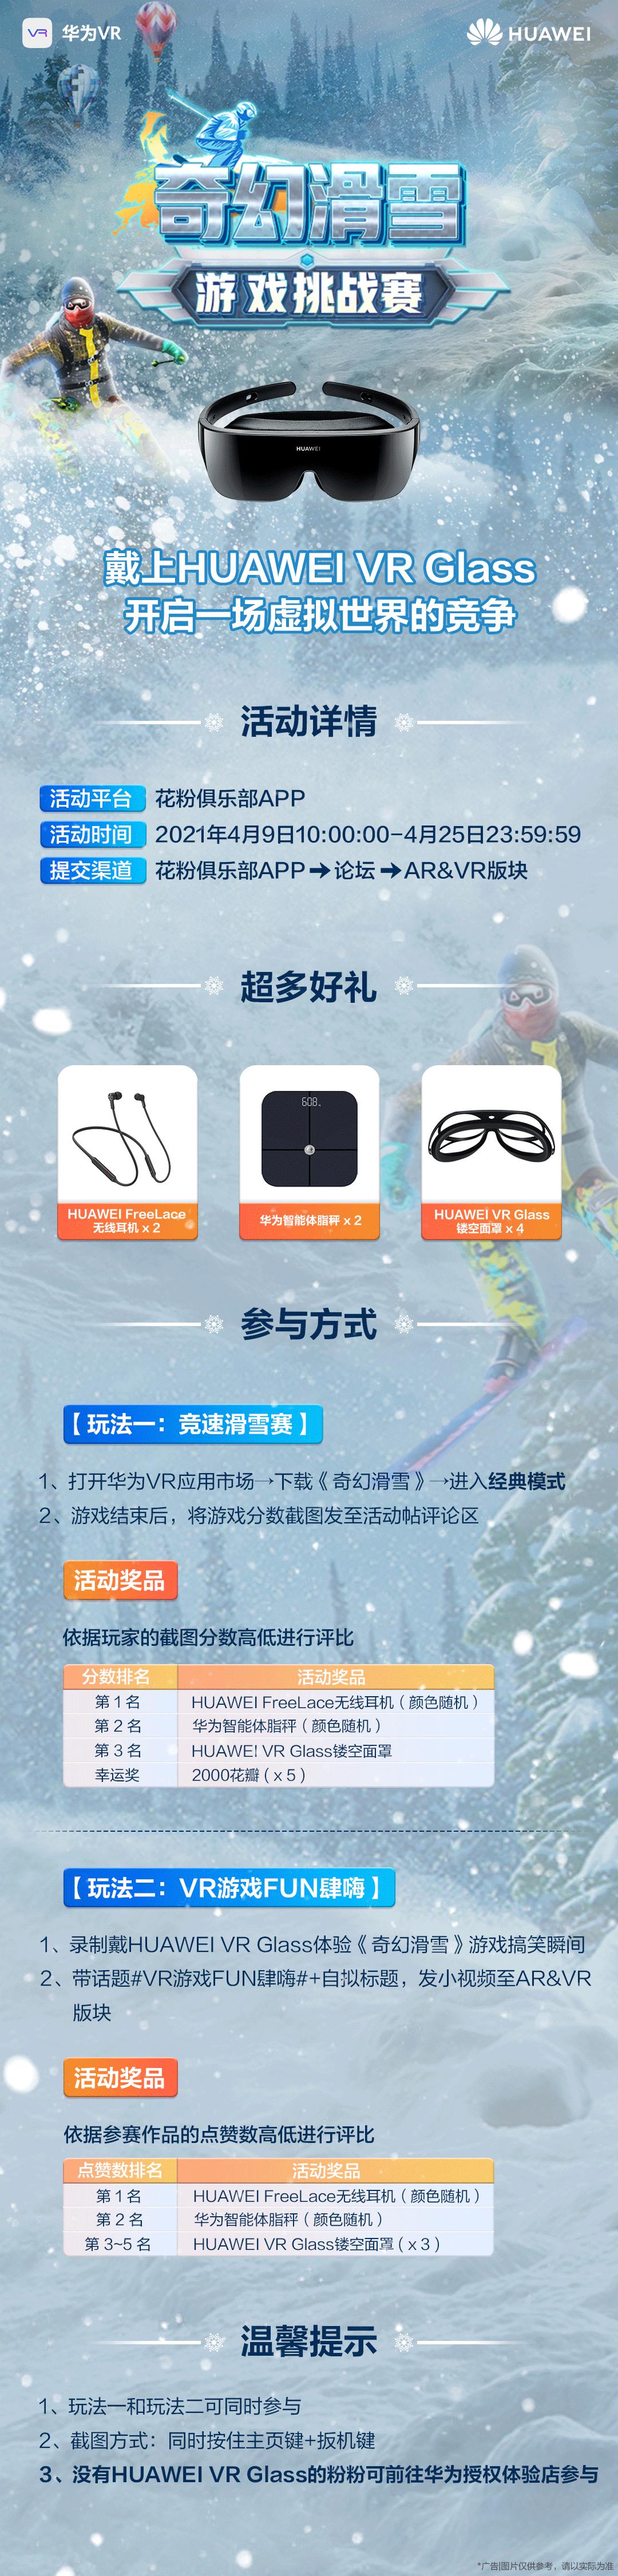 滑雪游戏长图论坛版本.png